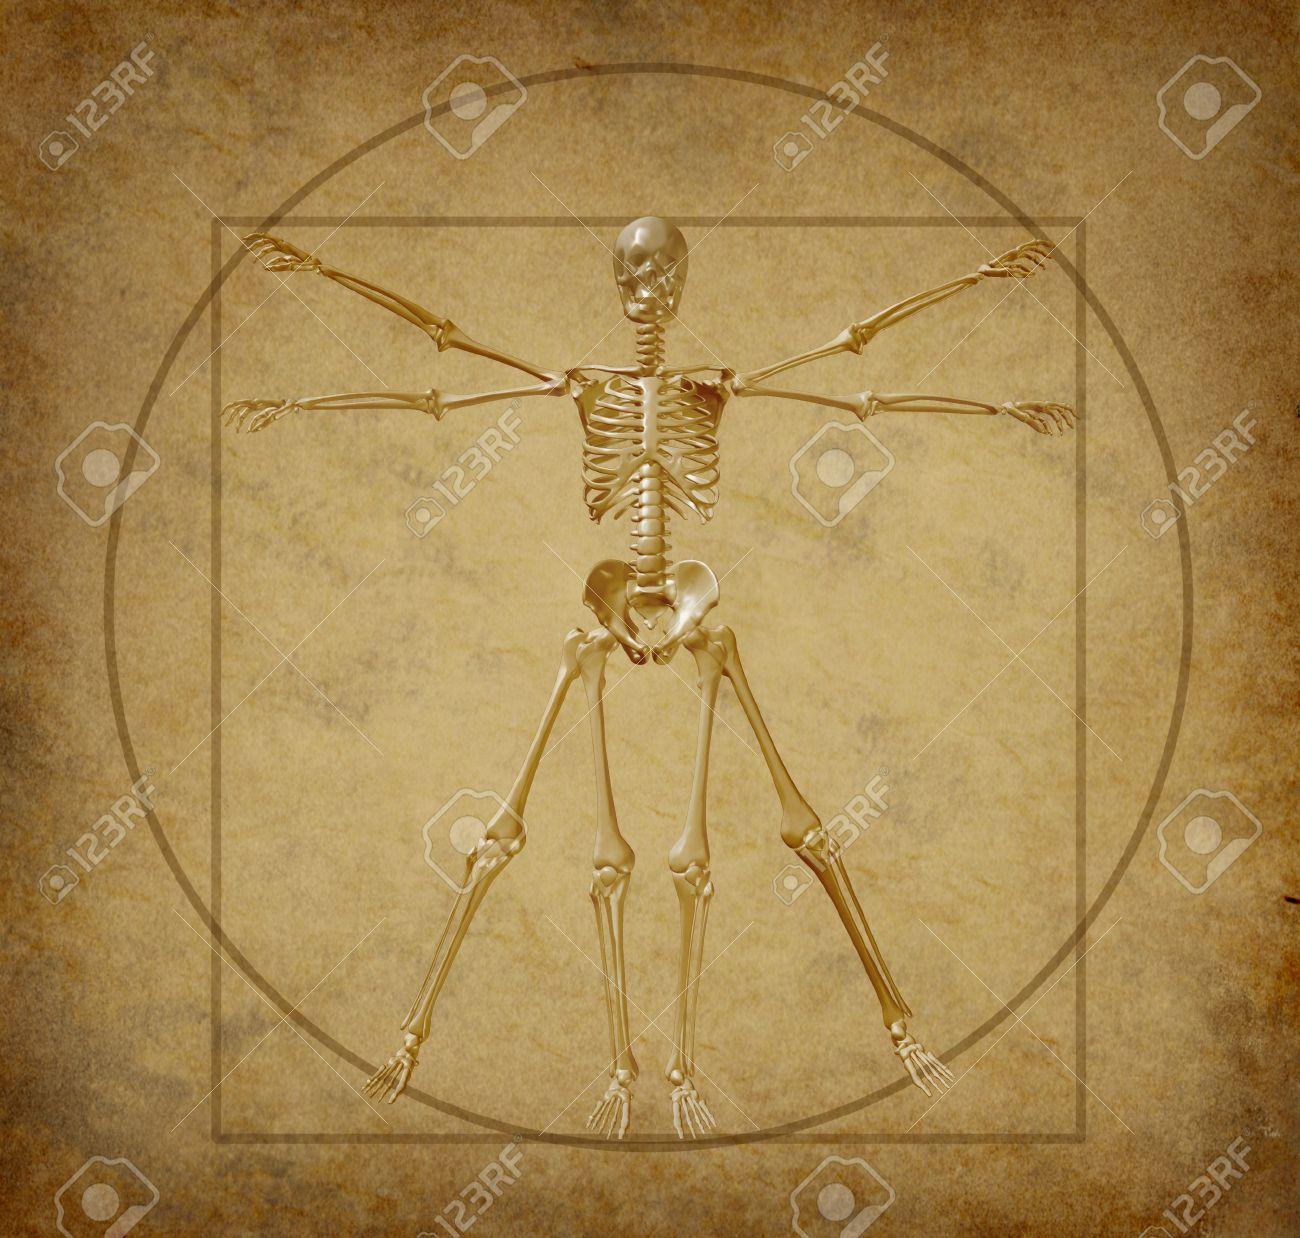 Vitruvio Diagrama De Esqueleto Humano Grunge Pergamino Médica Fotos ...